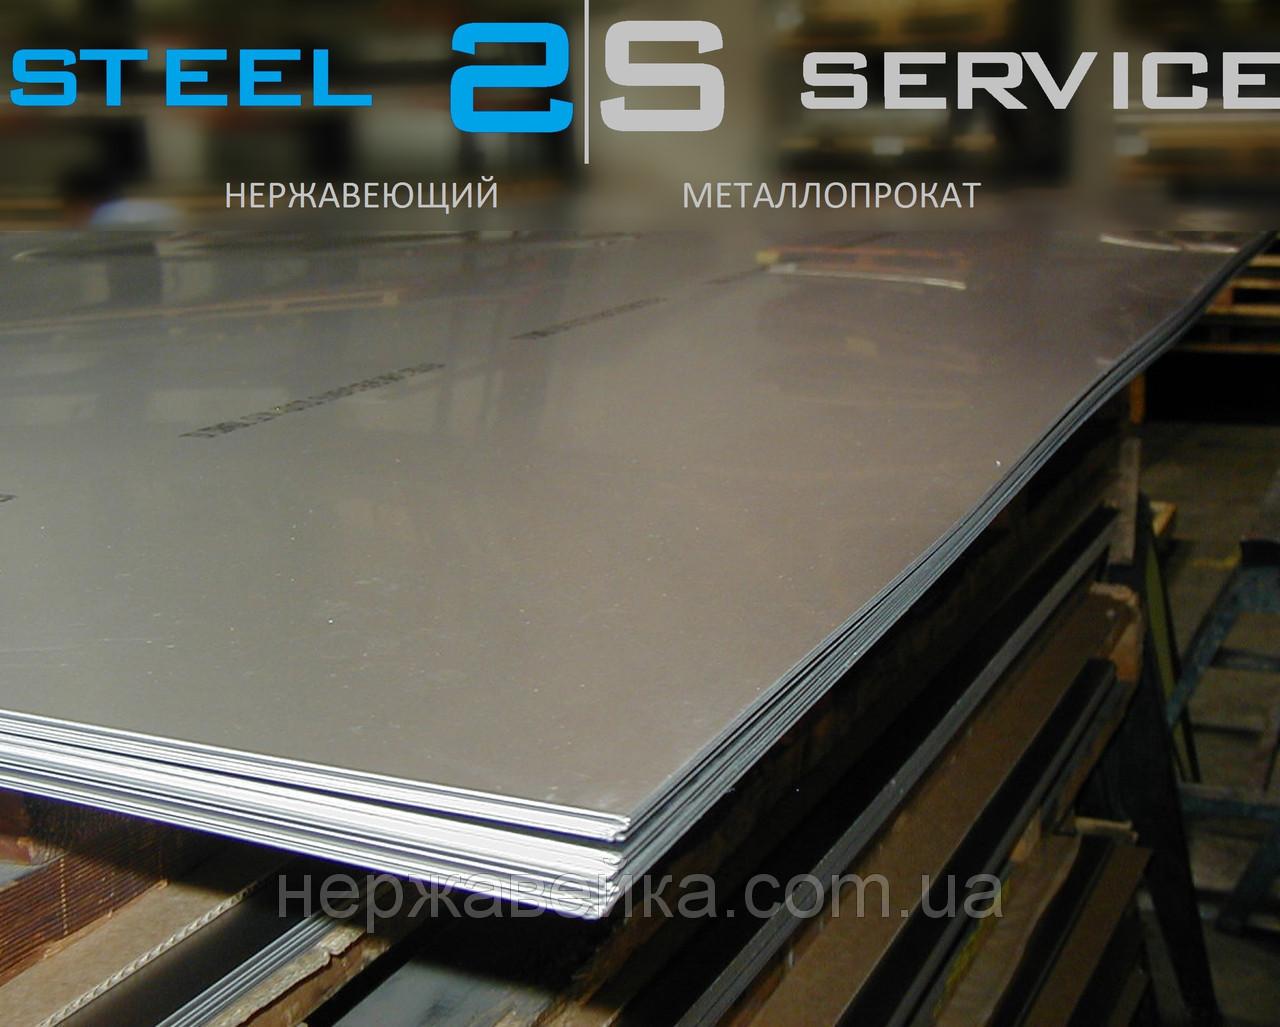 Нержавейка лист 1,5х1250х2500мм AiSi 201  (12Х15Г9НД) - 4N - шлифованный